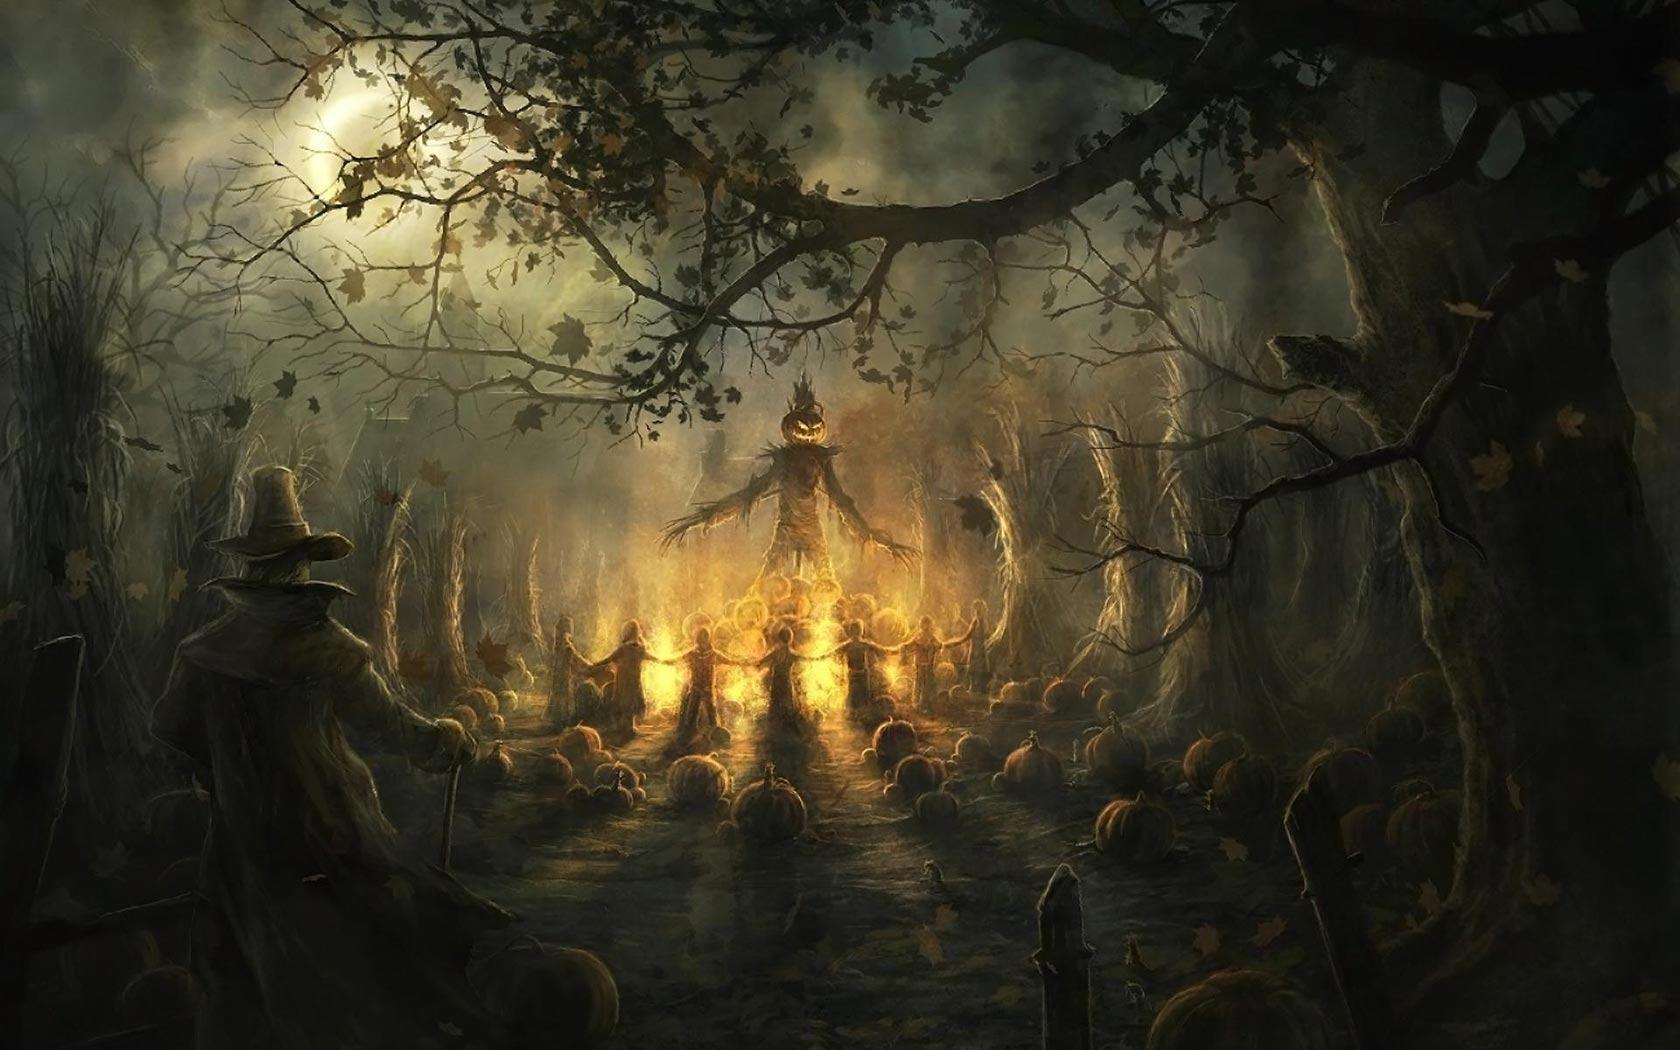 Best Wallpaper Halloween Haunted - 68f50c5b8aa7a66d62f9dbd1441b2282  Pic_59937.jpg